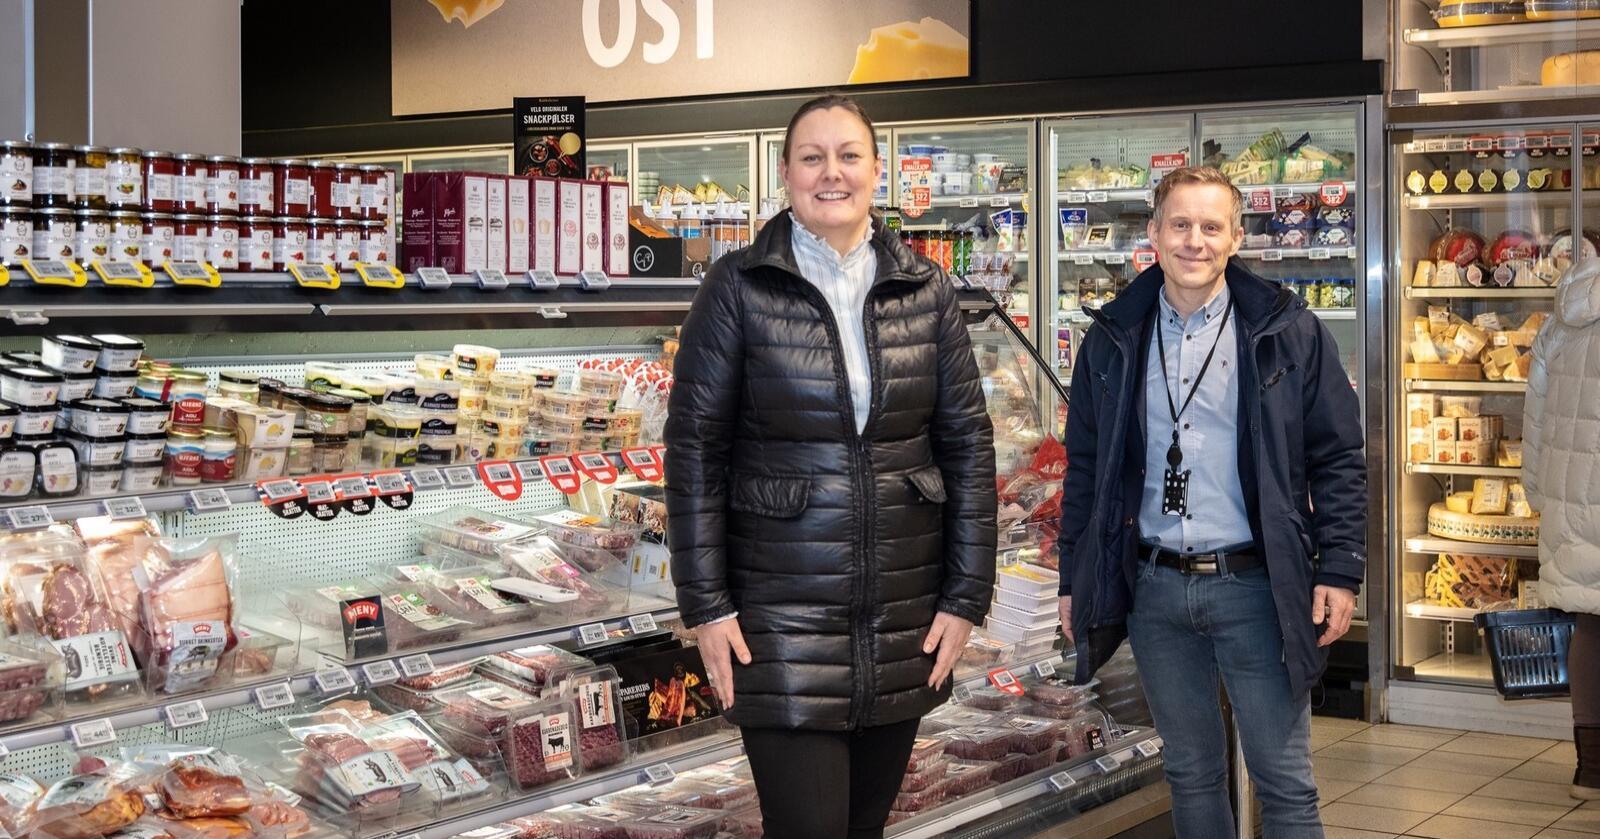 Karolina Grønås Henriksen i Nortura og Vidar Olsen i Norgesgruppen har jobbet frem en fersk avtale som sikrer mer Gilde kjøttprodukter i Norgegruppens butikker. Foto: Phuong Luu